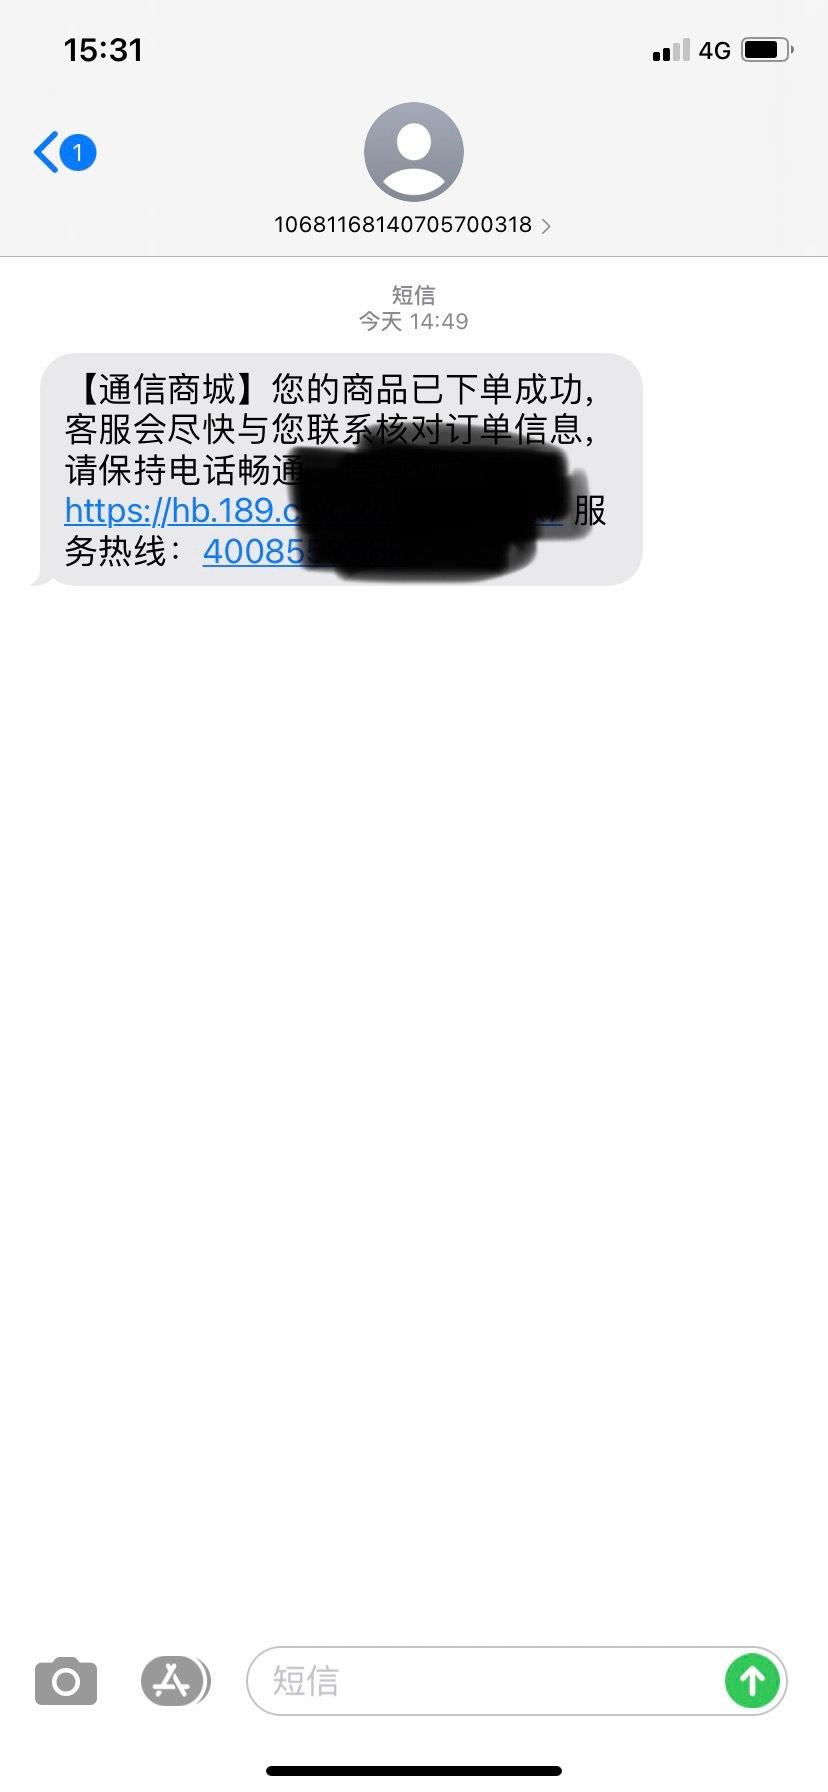 【通话费流量】70通话费免费试用插图